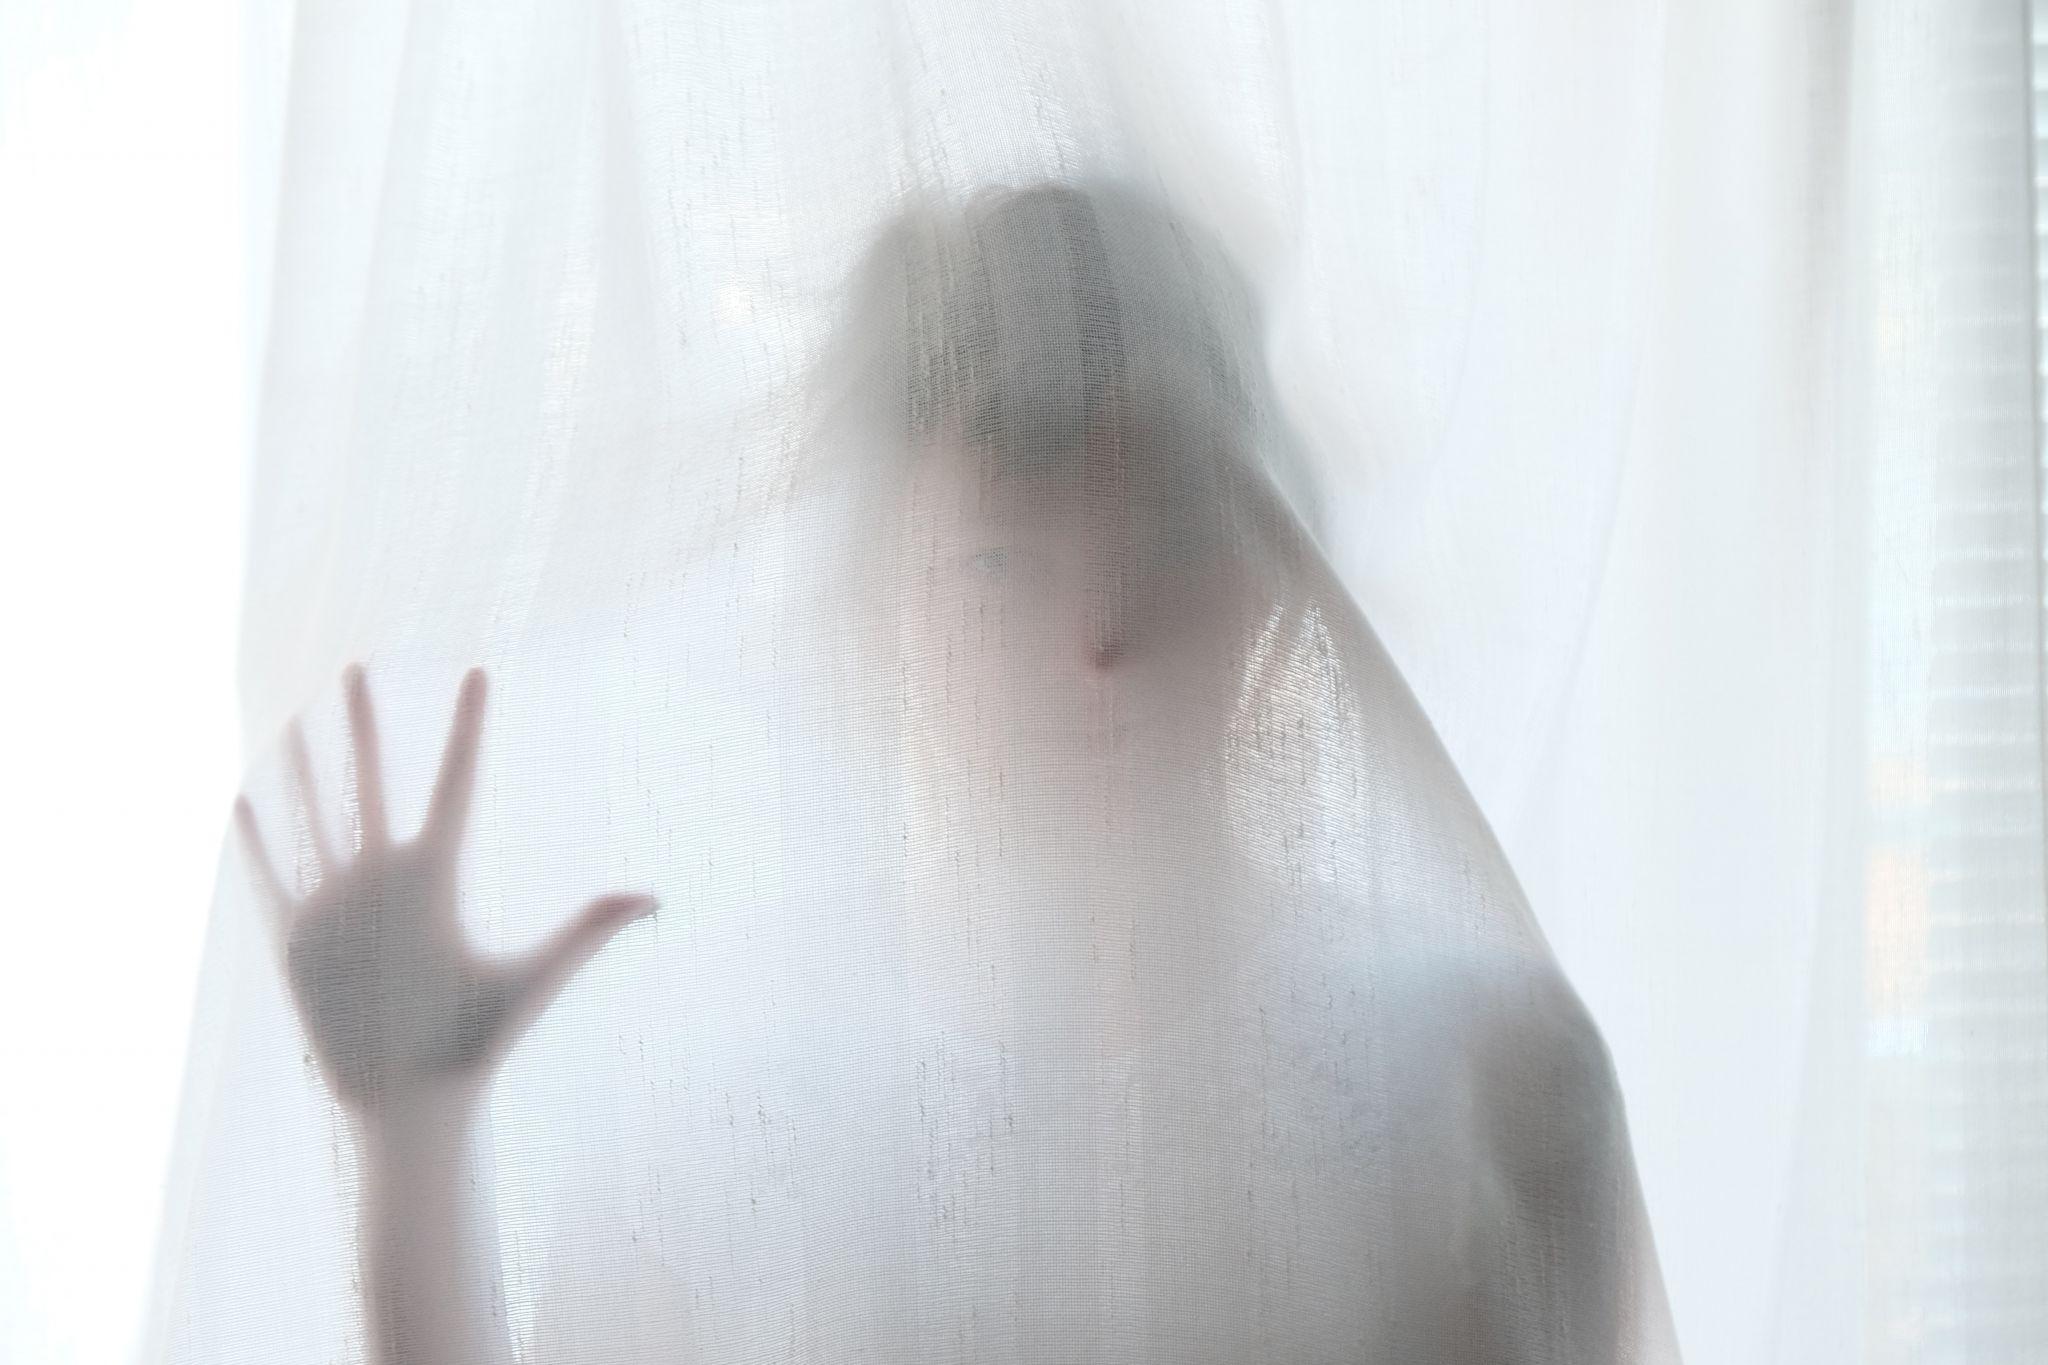 Michigan ocupó el puesto número 4 en avistamientos de fantasmas desde 1972